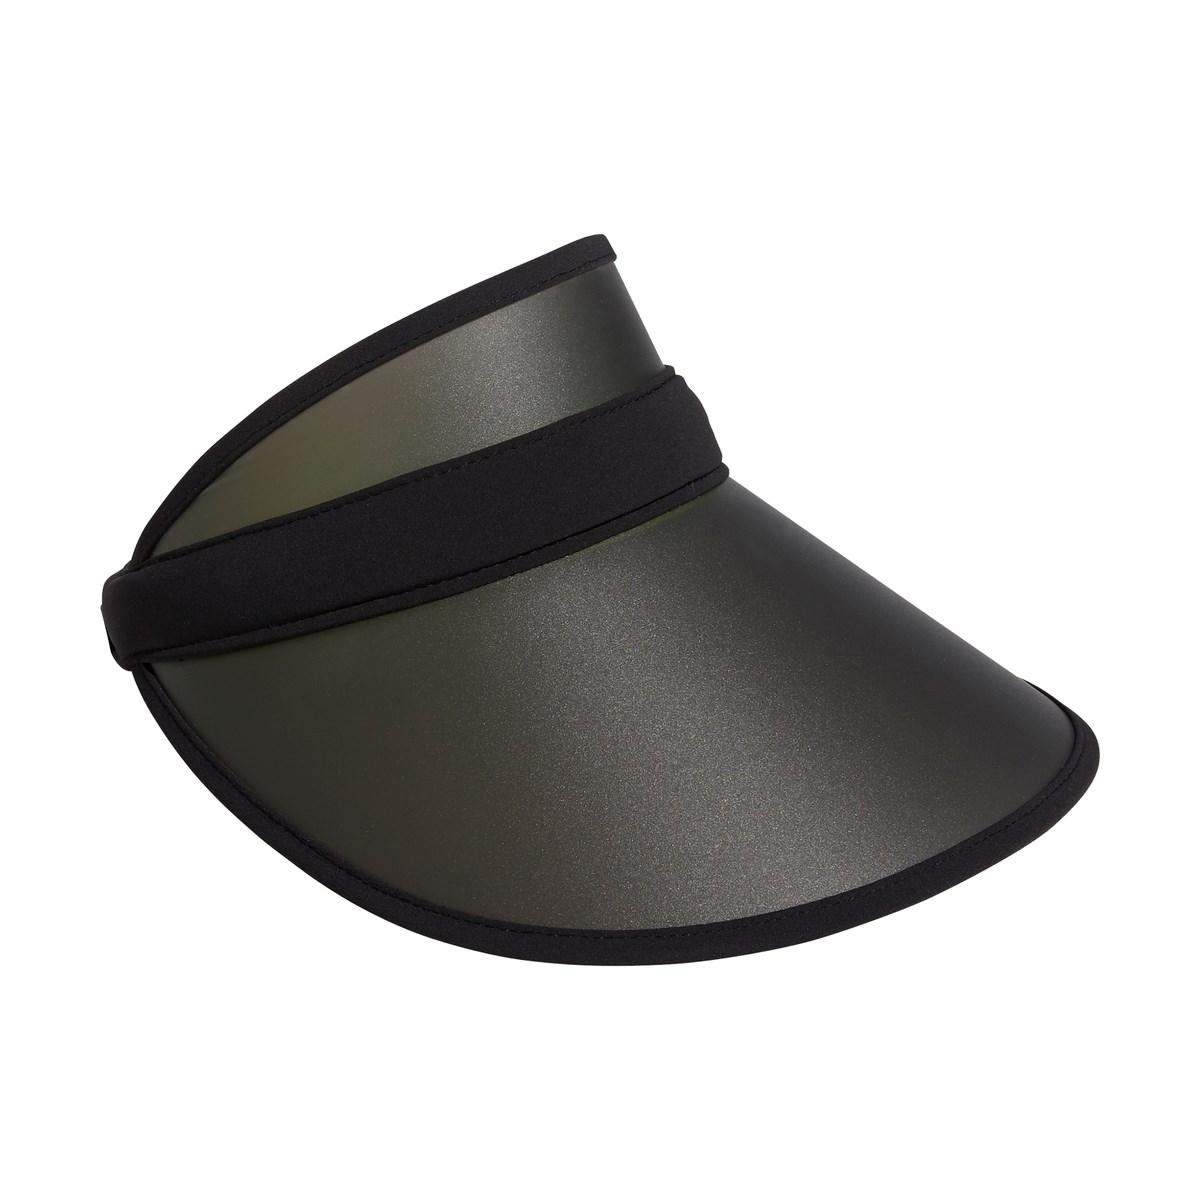 アディダス Adidas UVクリップサンバイザー フリー ブラック/ブラック レディス